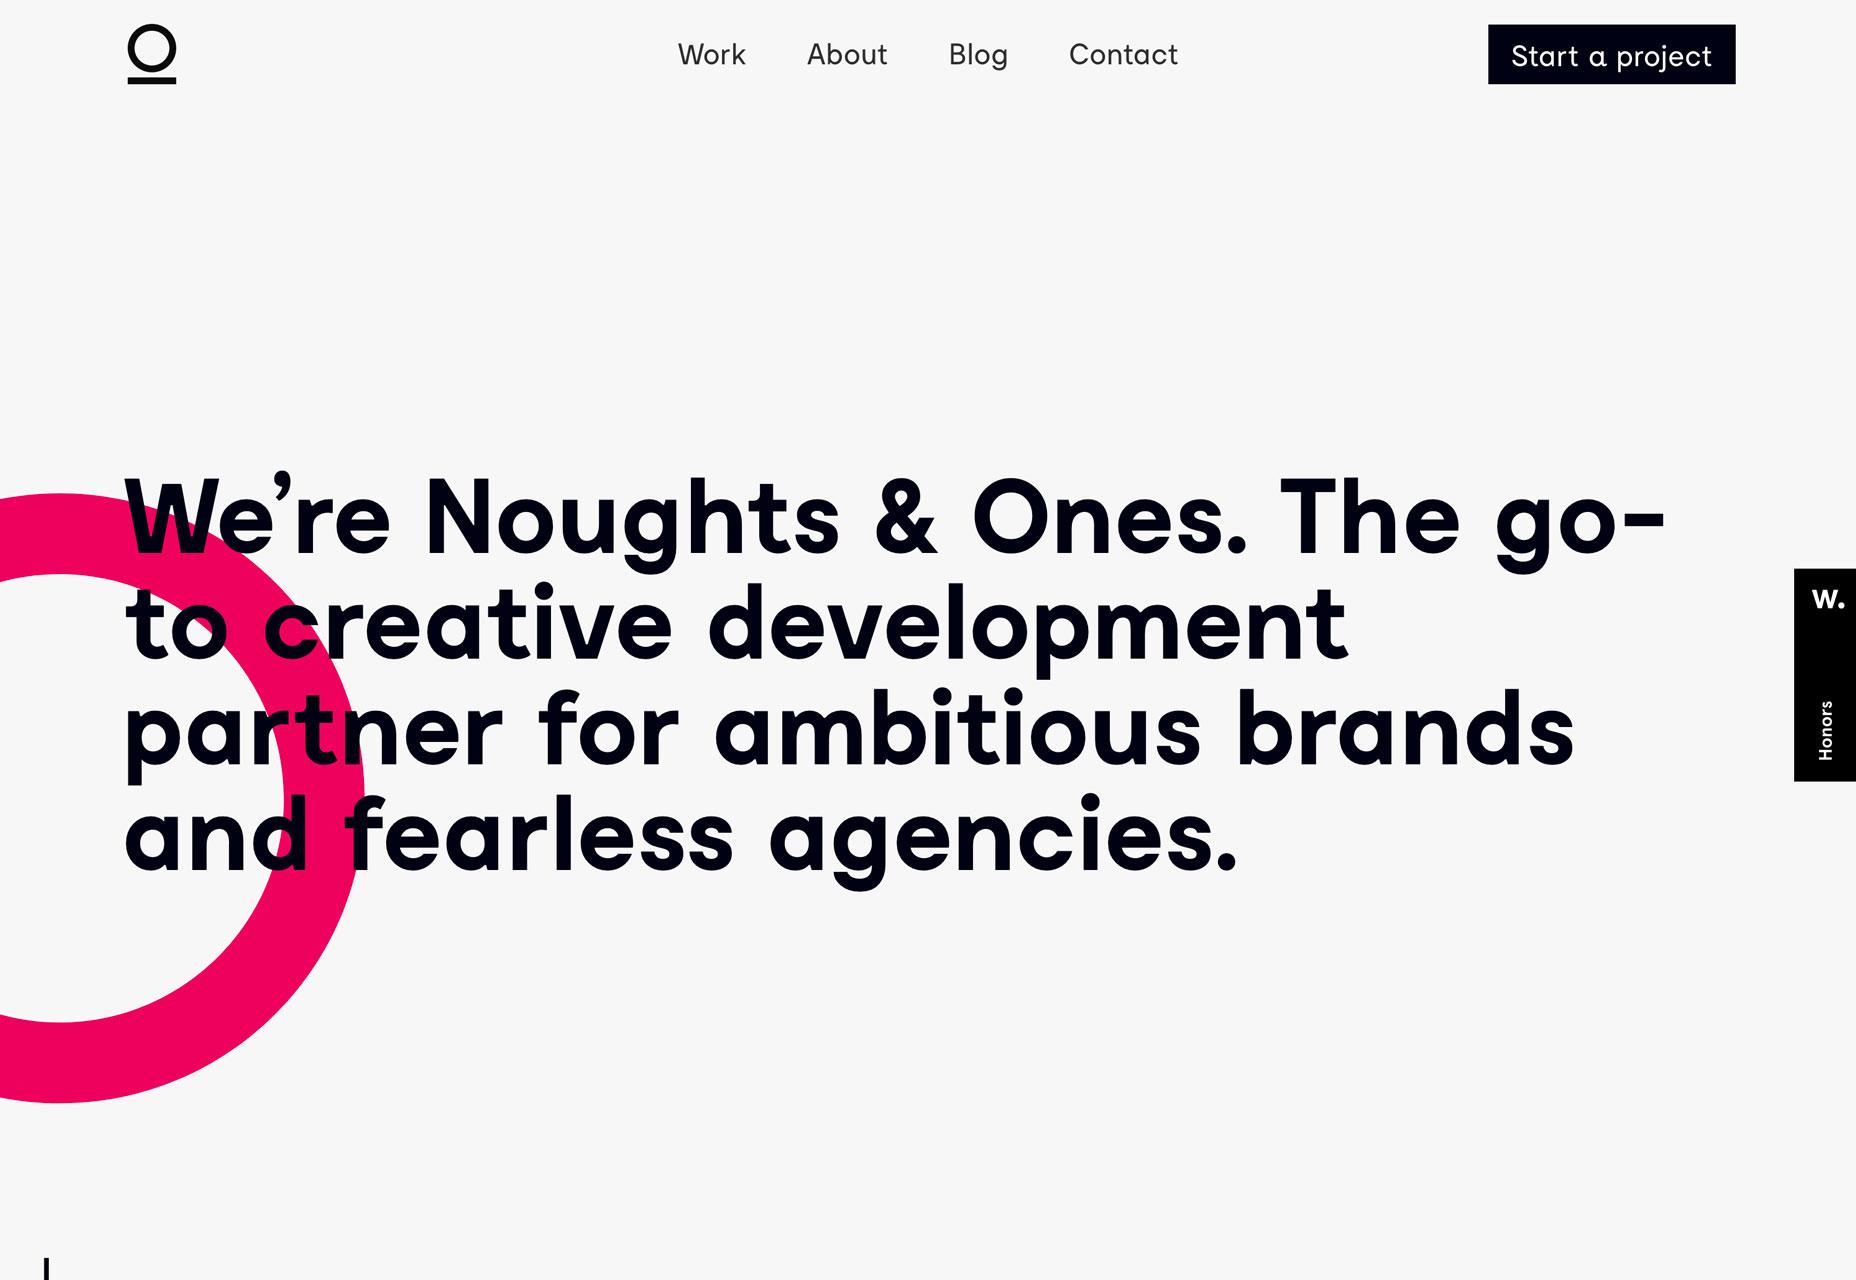 noughts